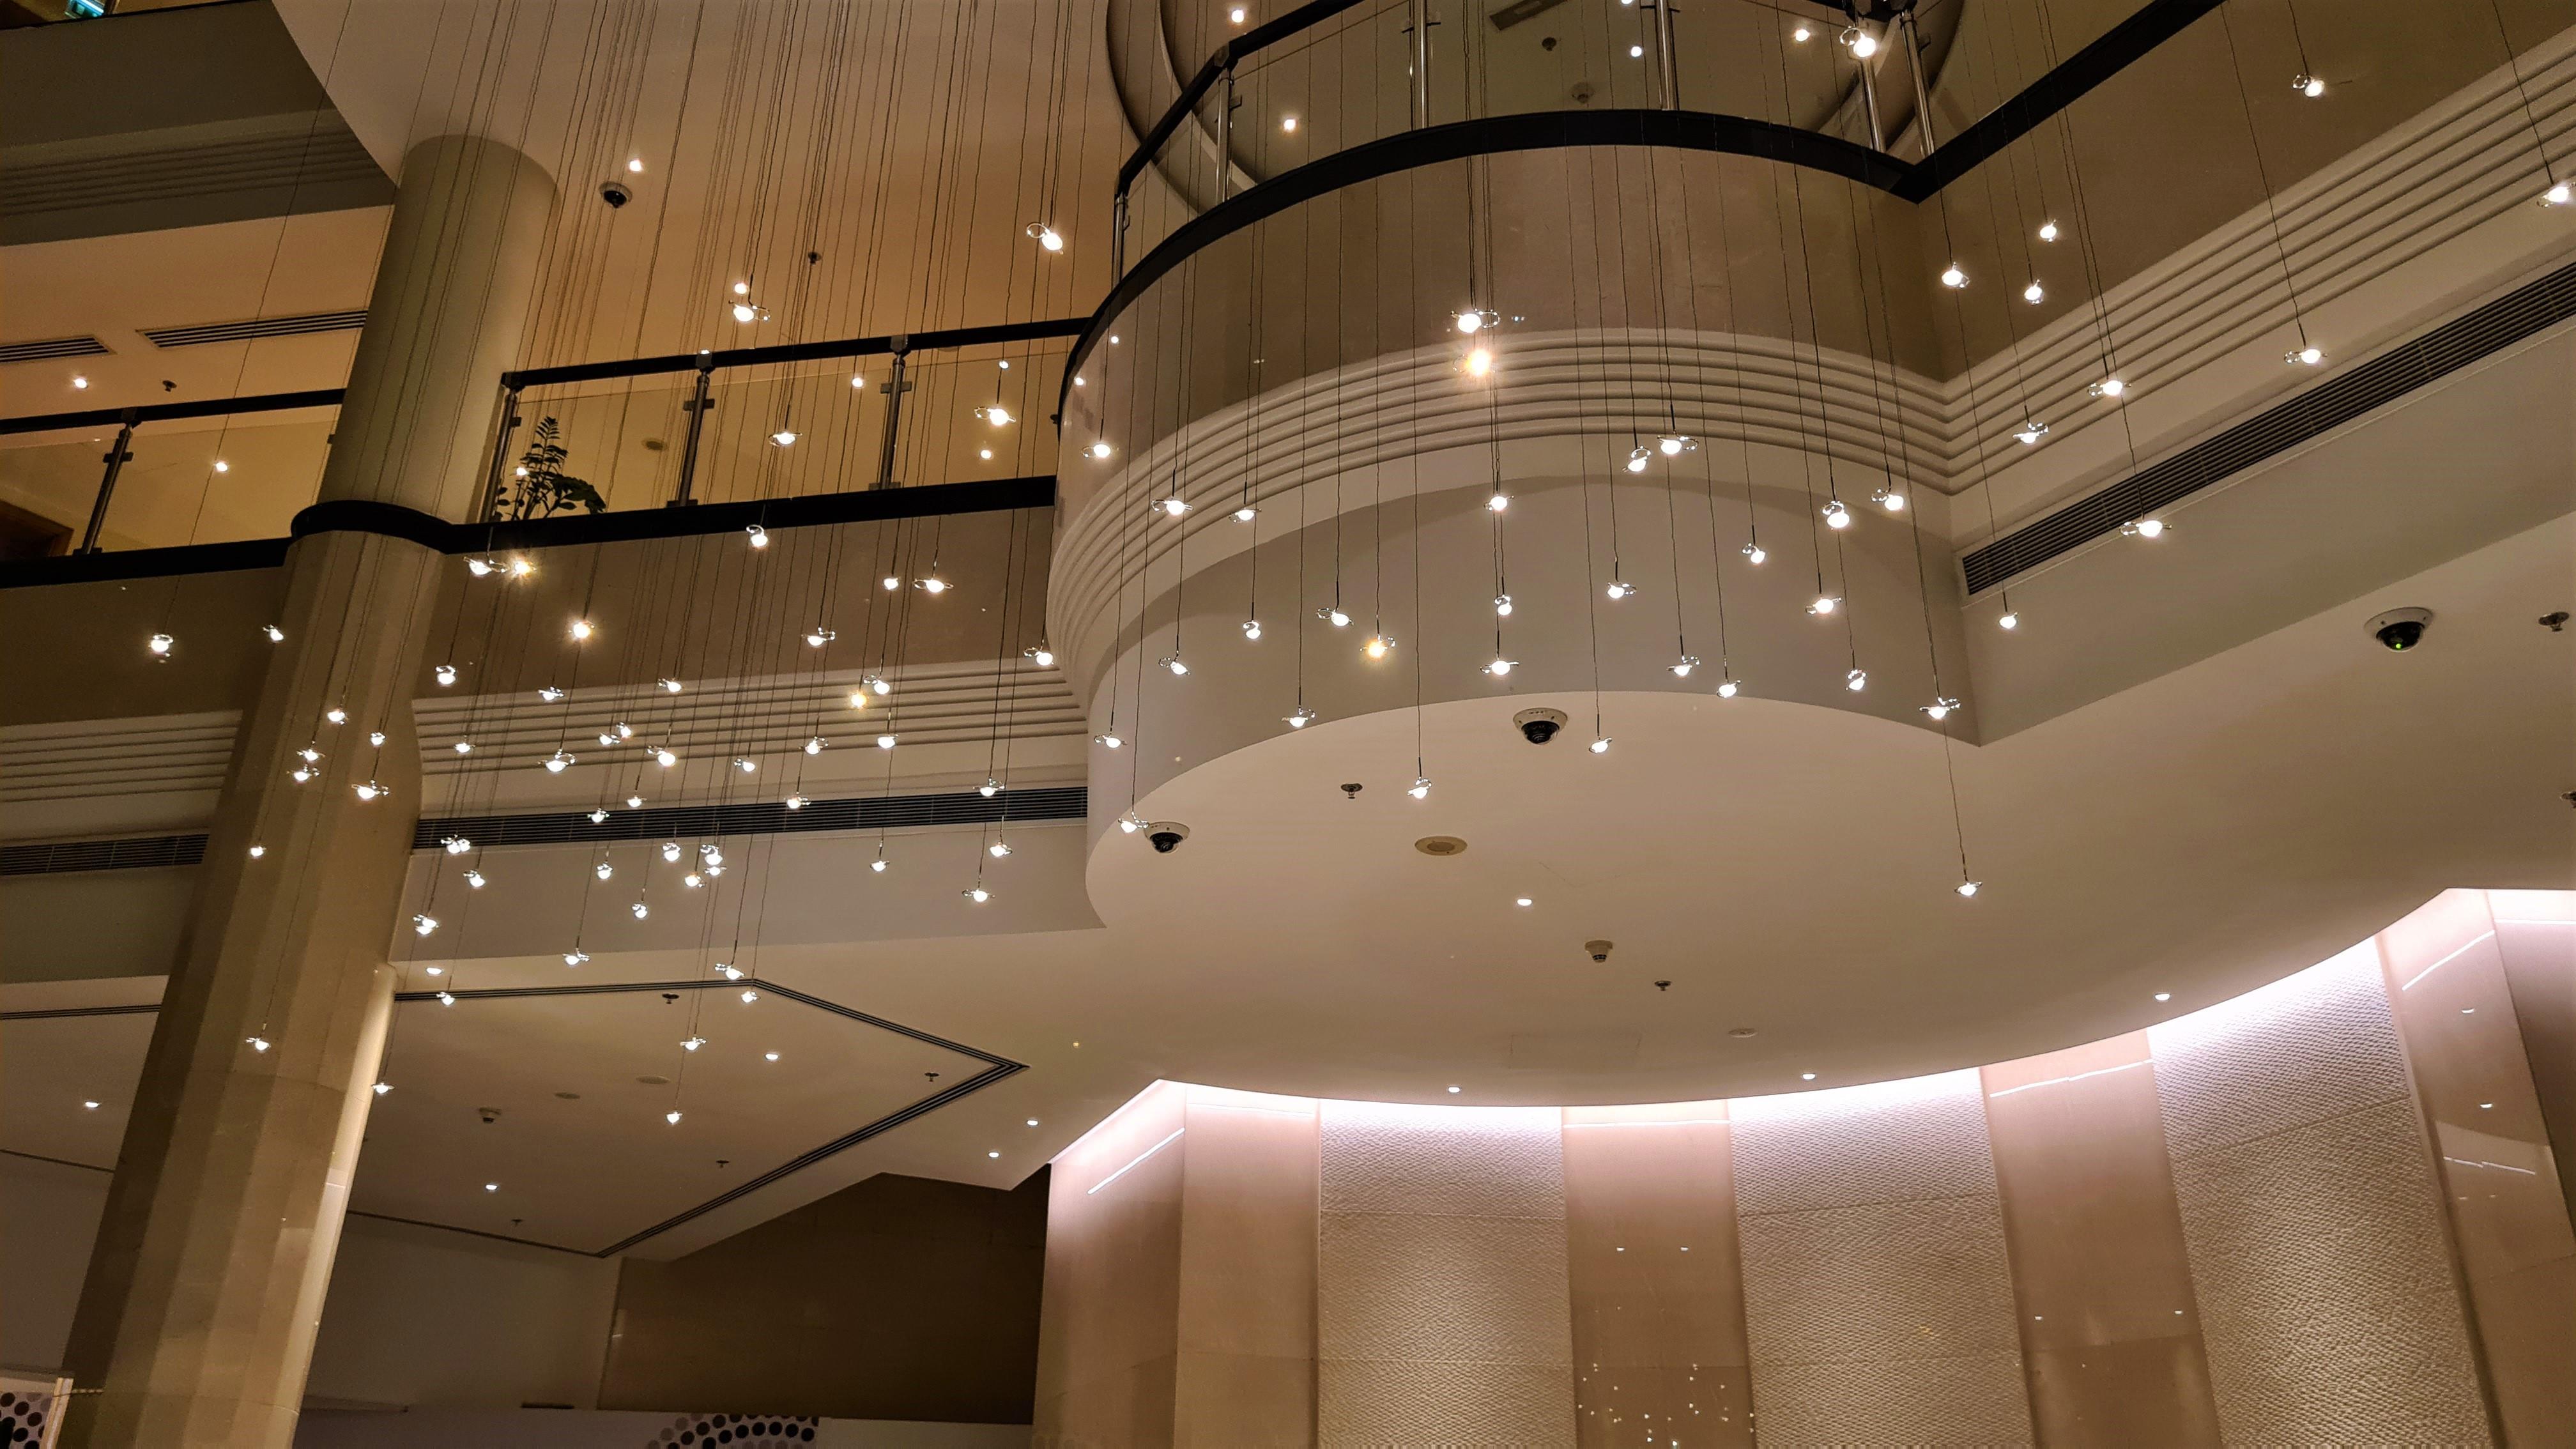 100 points Chandelier at Millennium Airport Hotel